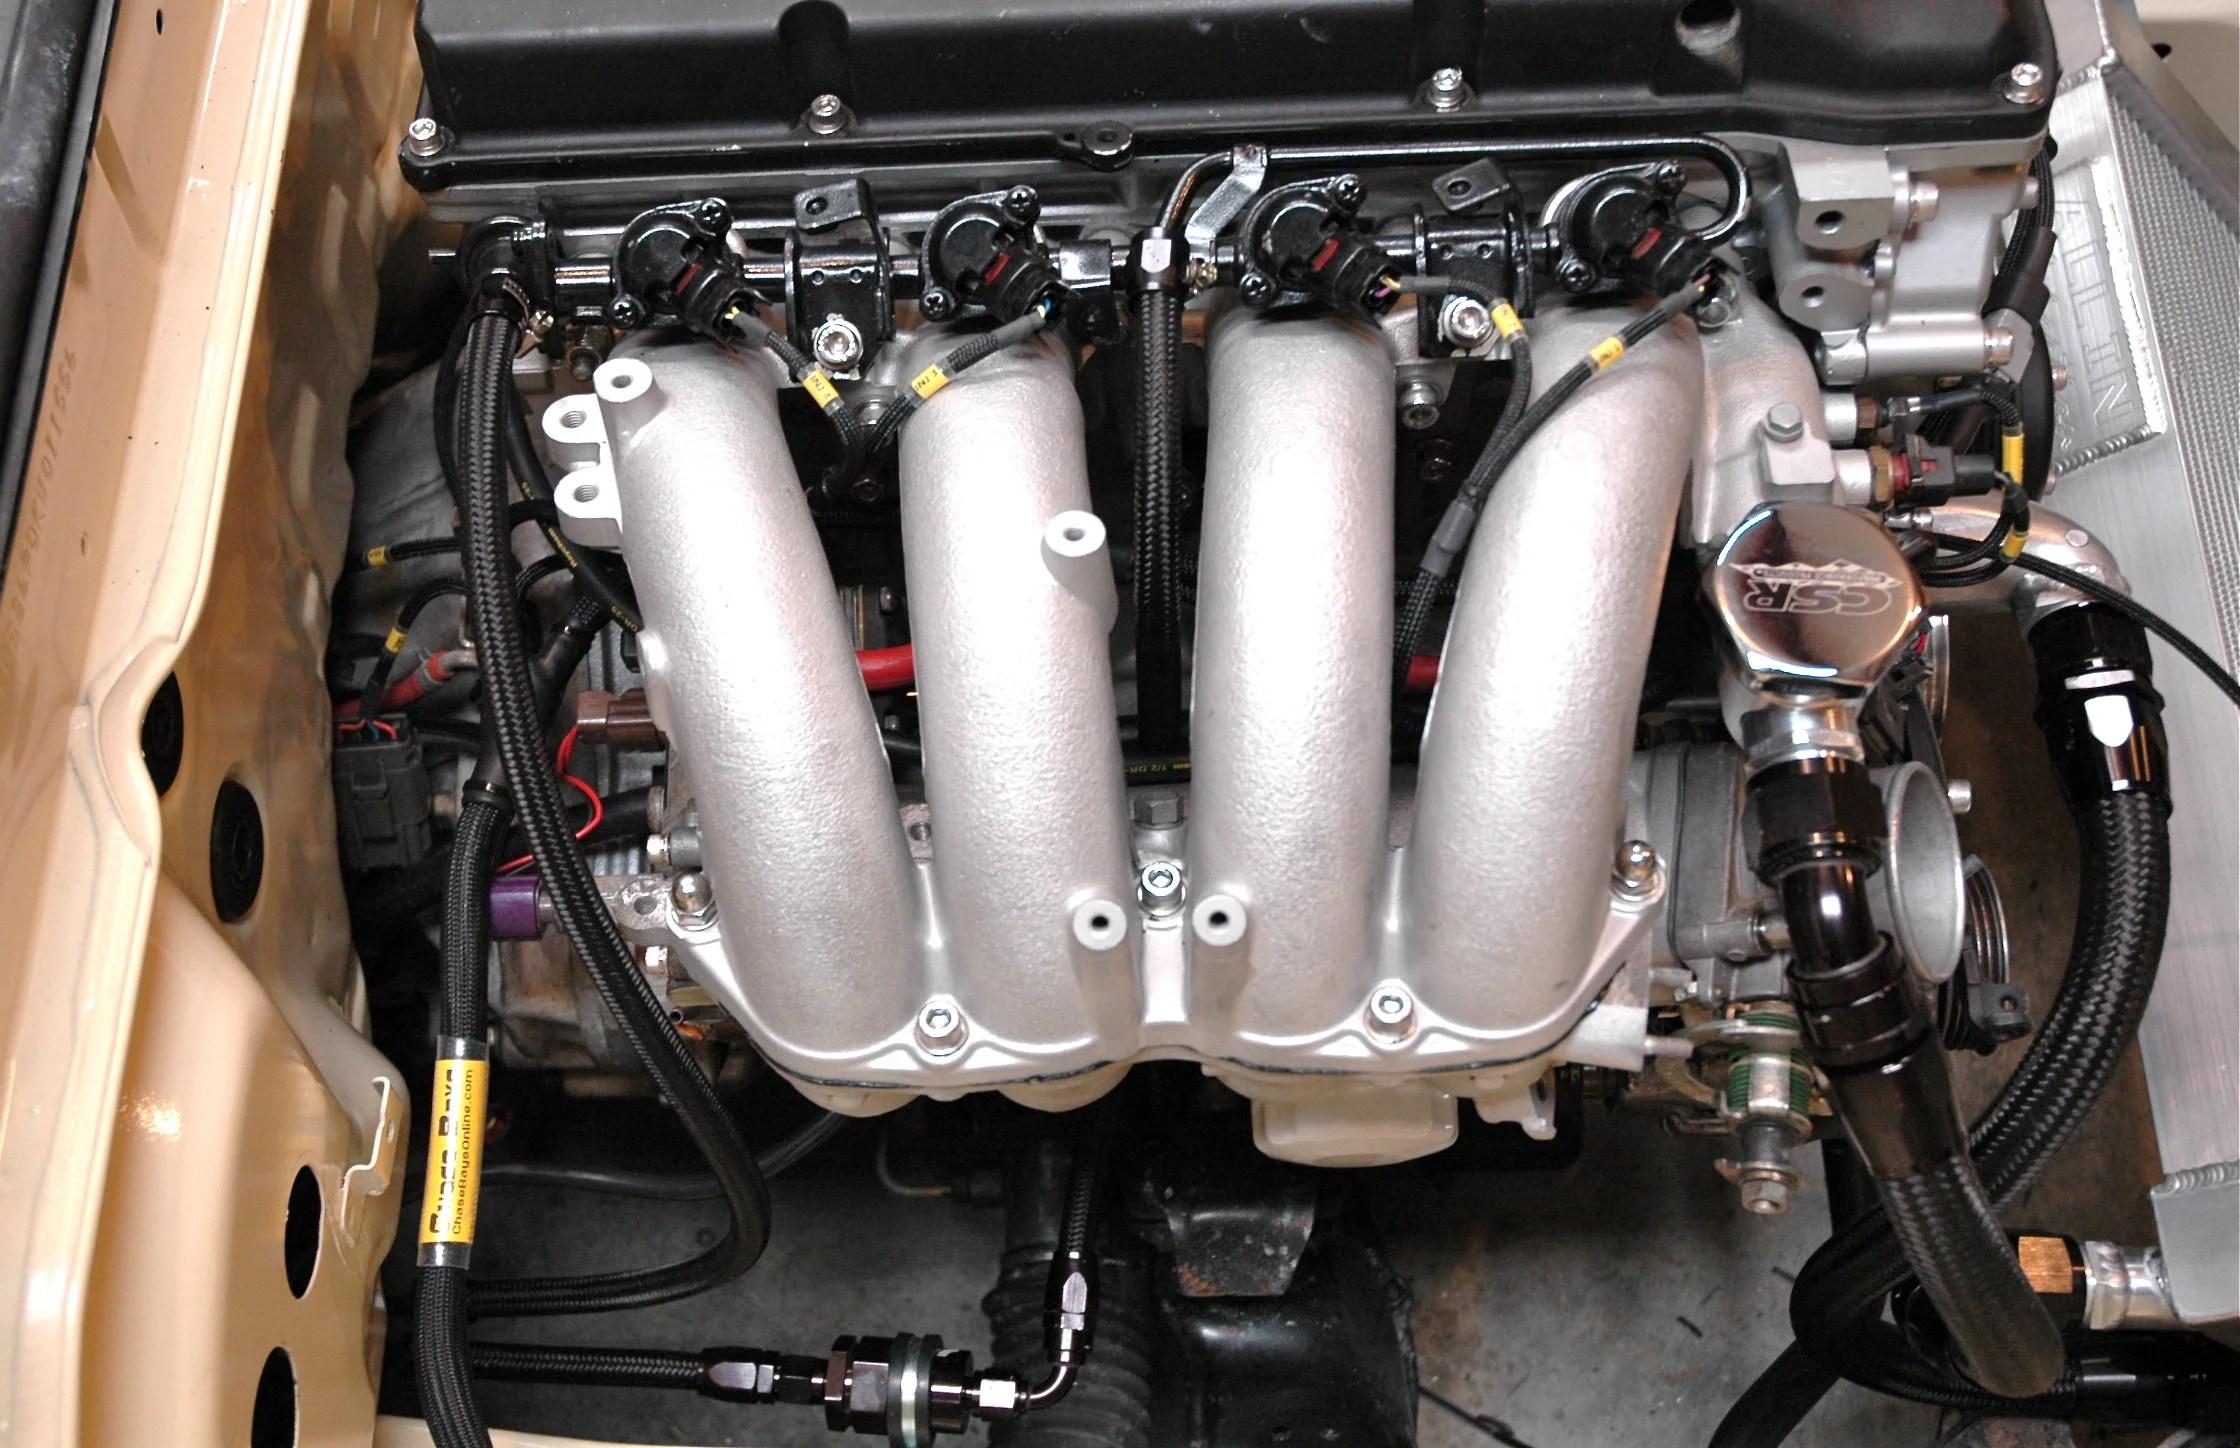 medium resolution of cb n kasrf install chase bays fuel line kit for ka24de sr20det nissan 240sx cb n kasrf install chase bays fuel line kit for ka24de sr20det nissan 240sx